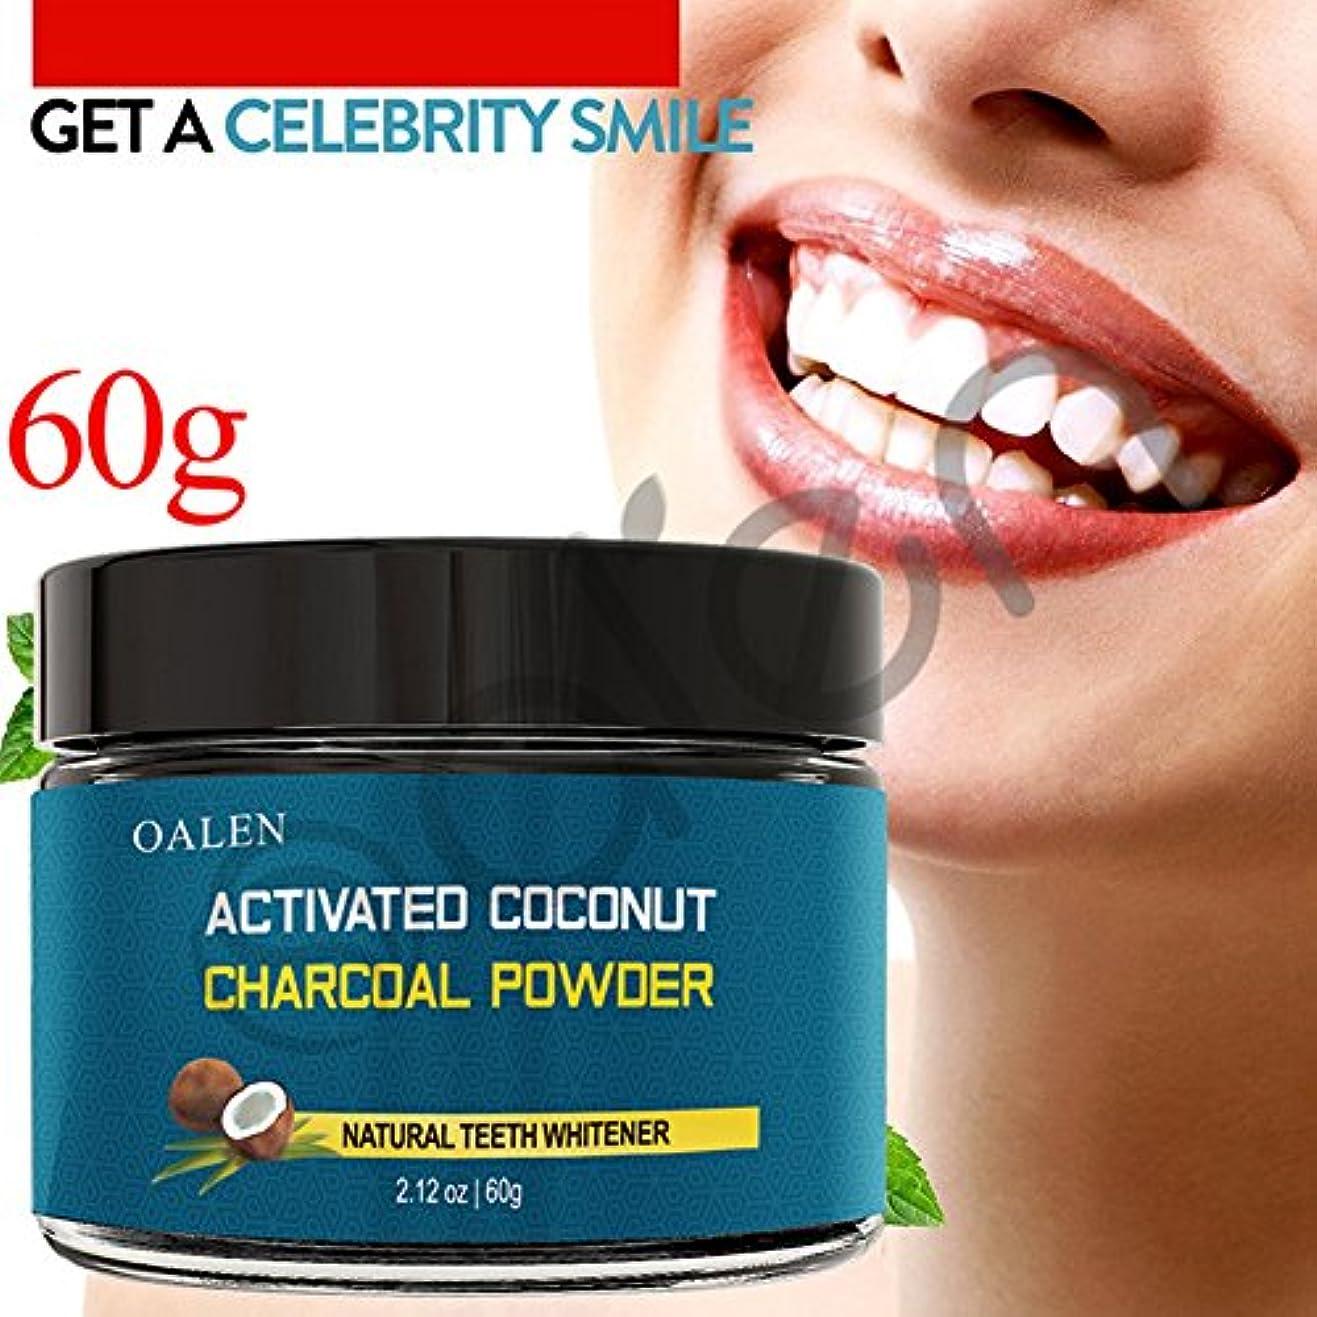 敵対的リベラル普遍的なLiebeye 歯 ホワイトニング パウダー グラム 天然活性 ココナッツチャコール 歯ホワイトナー 60g